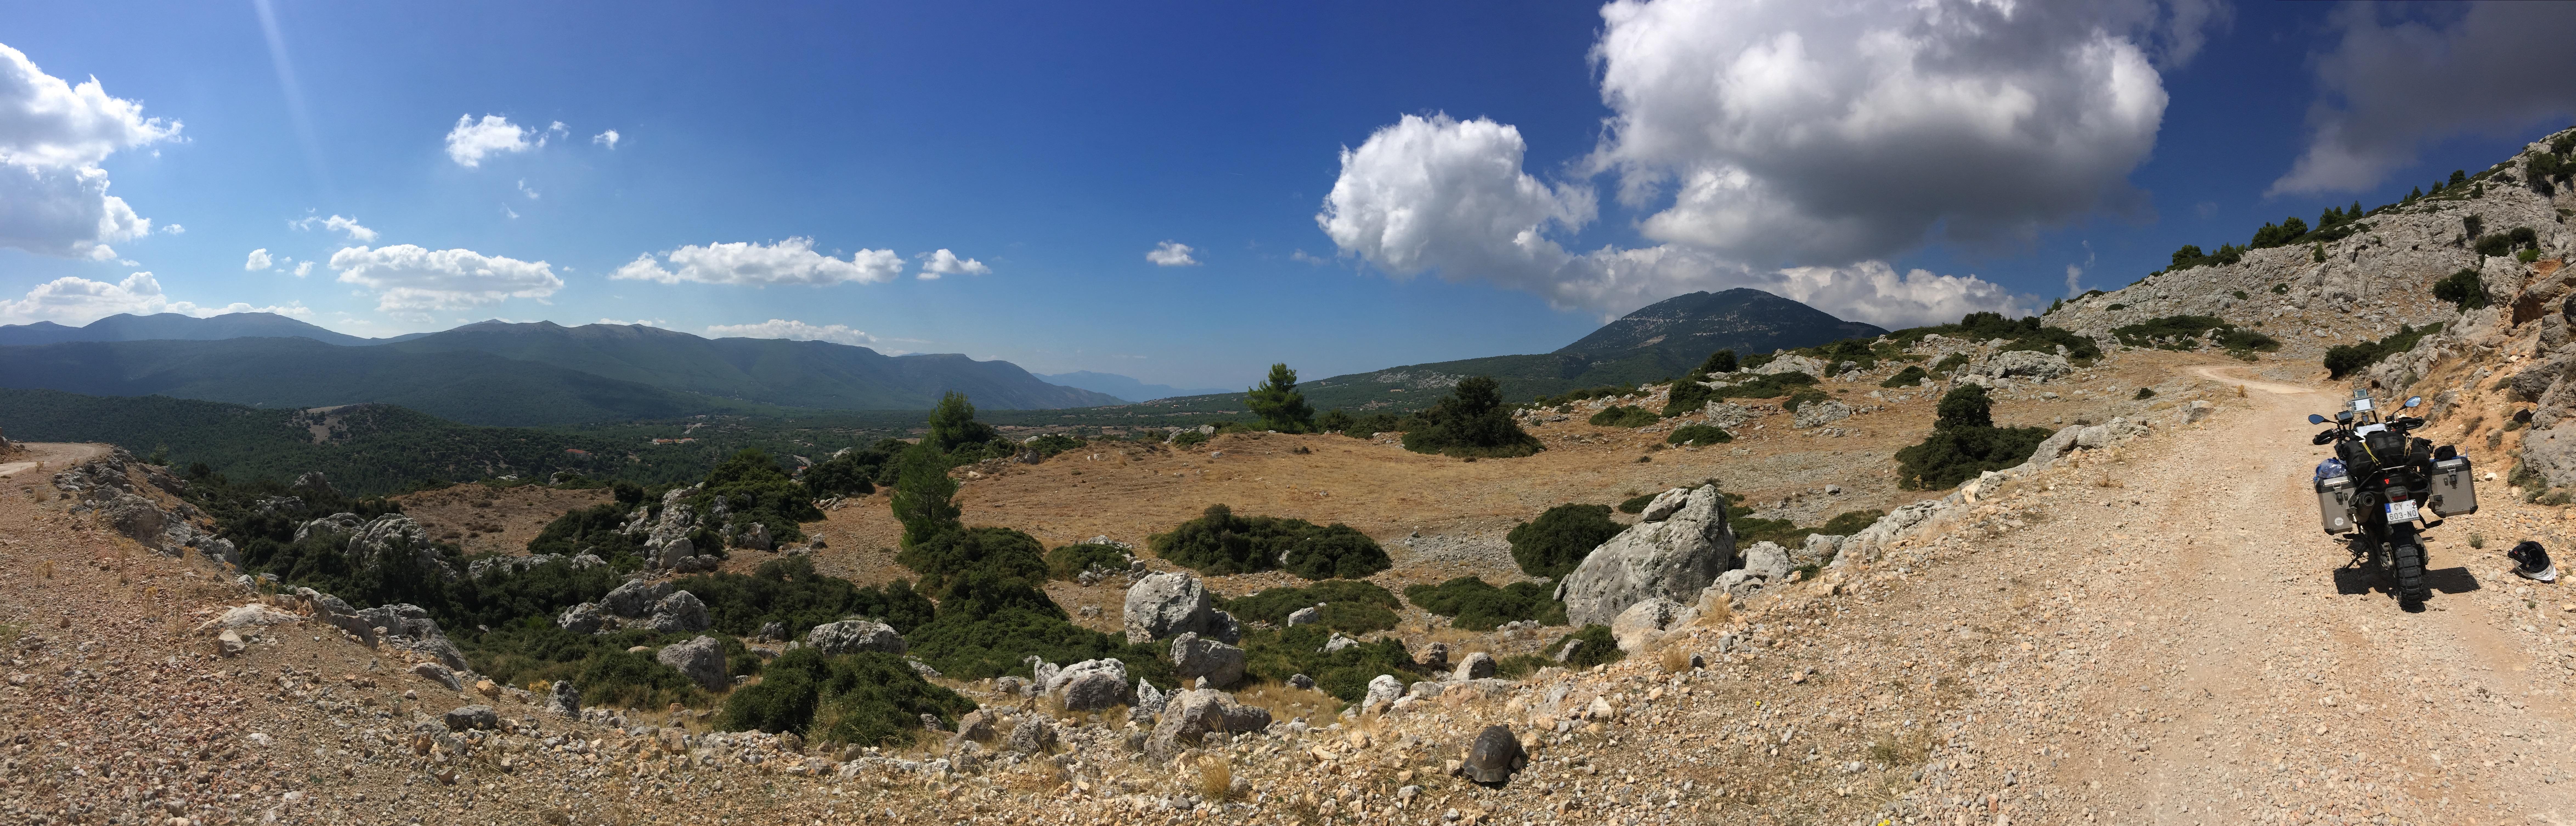 Grèce - Destination Météores par trail rando 161003041351479620